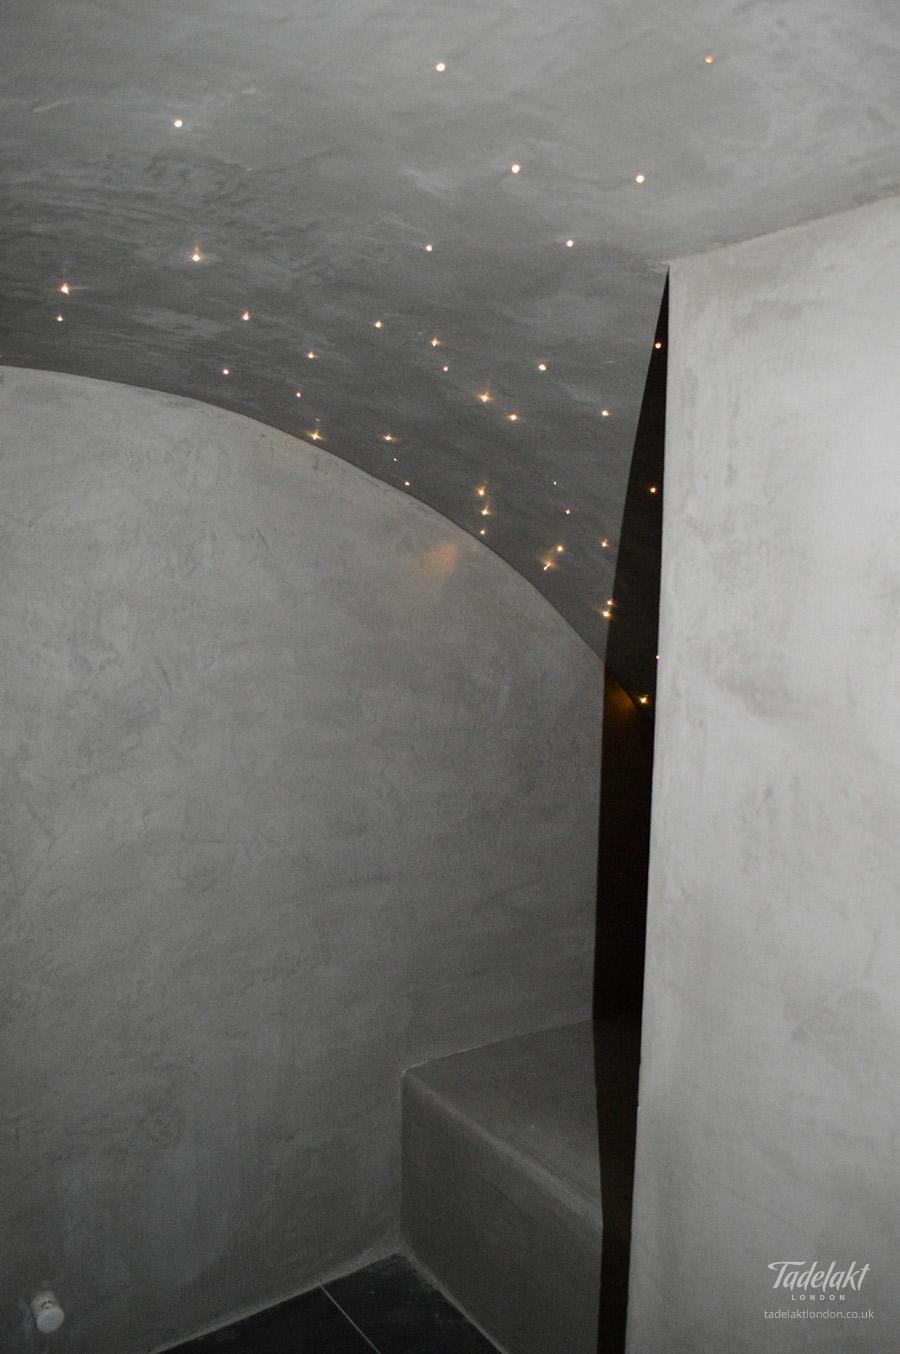 Tadelakt_Under_the_Stars_01